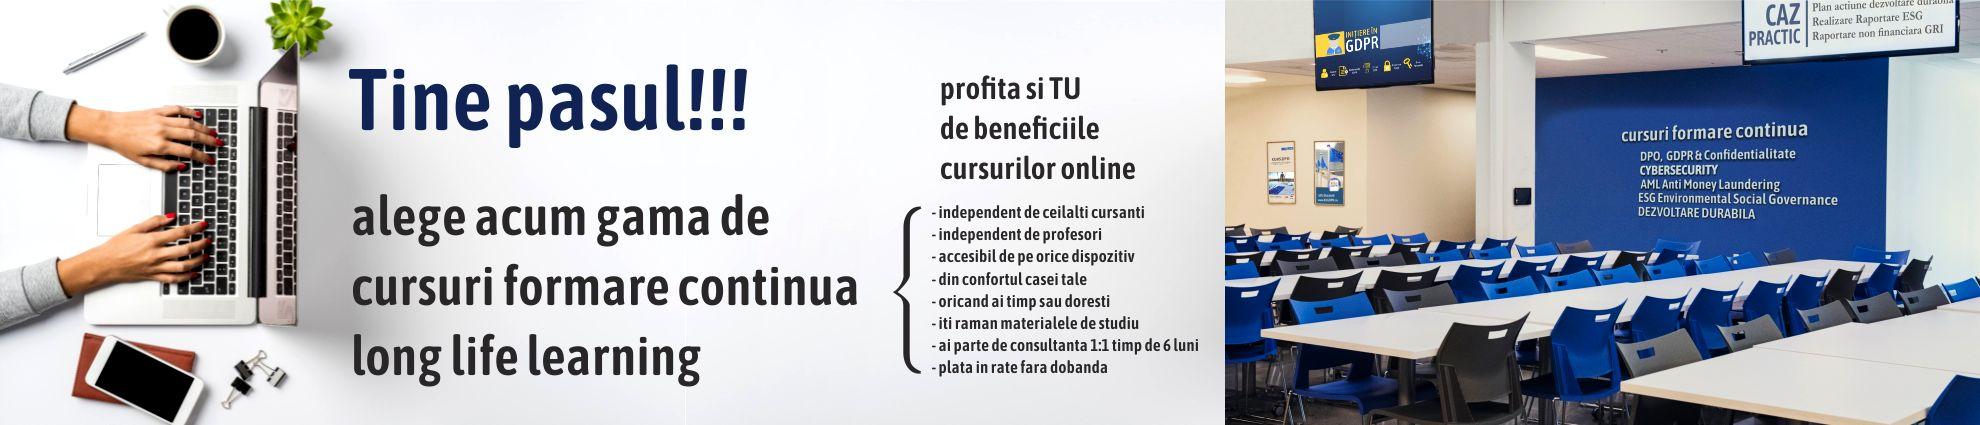 Profita de oportunitatea de a urma ONLINE Cursuri de formare DPO Romania Ofiter de Protectie a Datelor pusa la dispozitie de Catedra Internationala Onorifica Jean Bart prin Cursul DPO ce poate fi urmat online chiar daca te afli in Romania